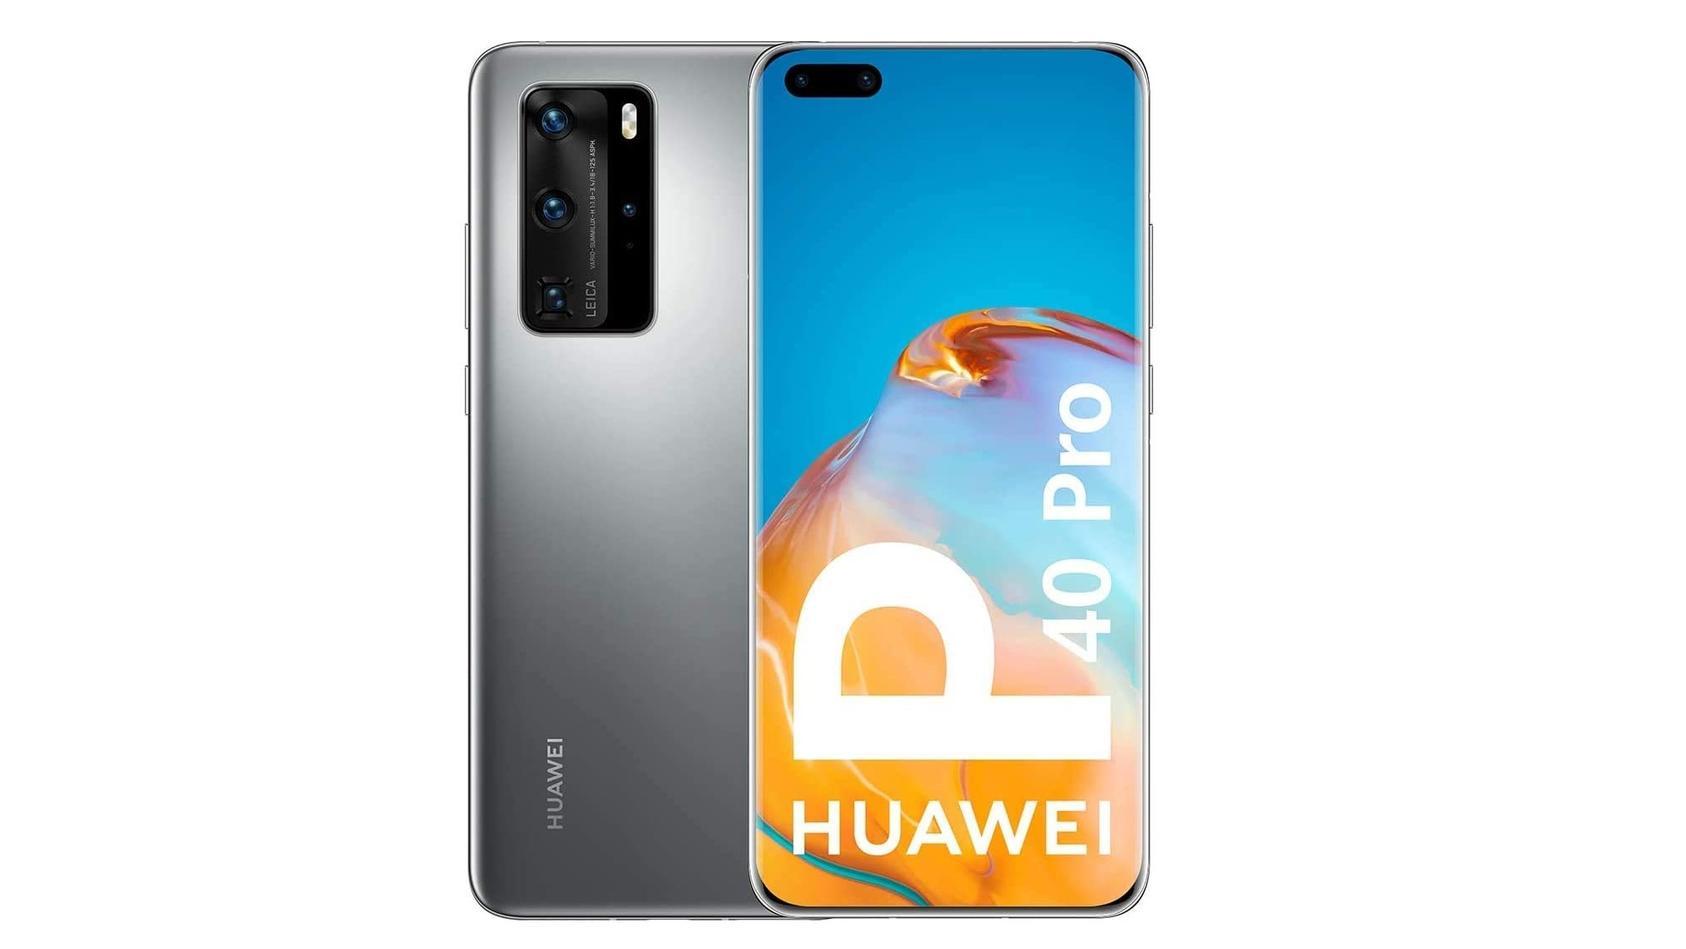 Das P40 Pro von Huawei ist technisch eines der besten Handys auf dem Markt.